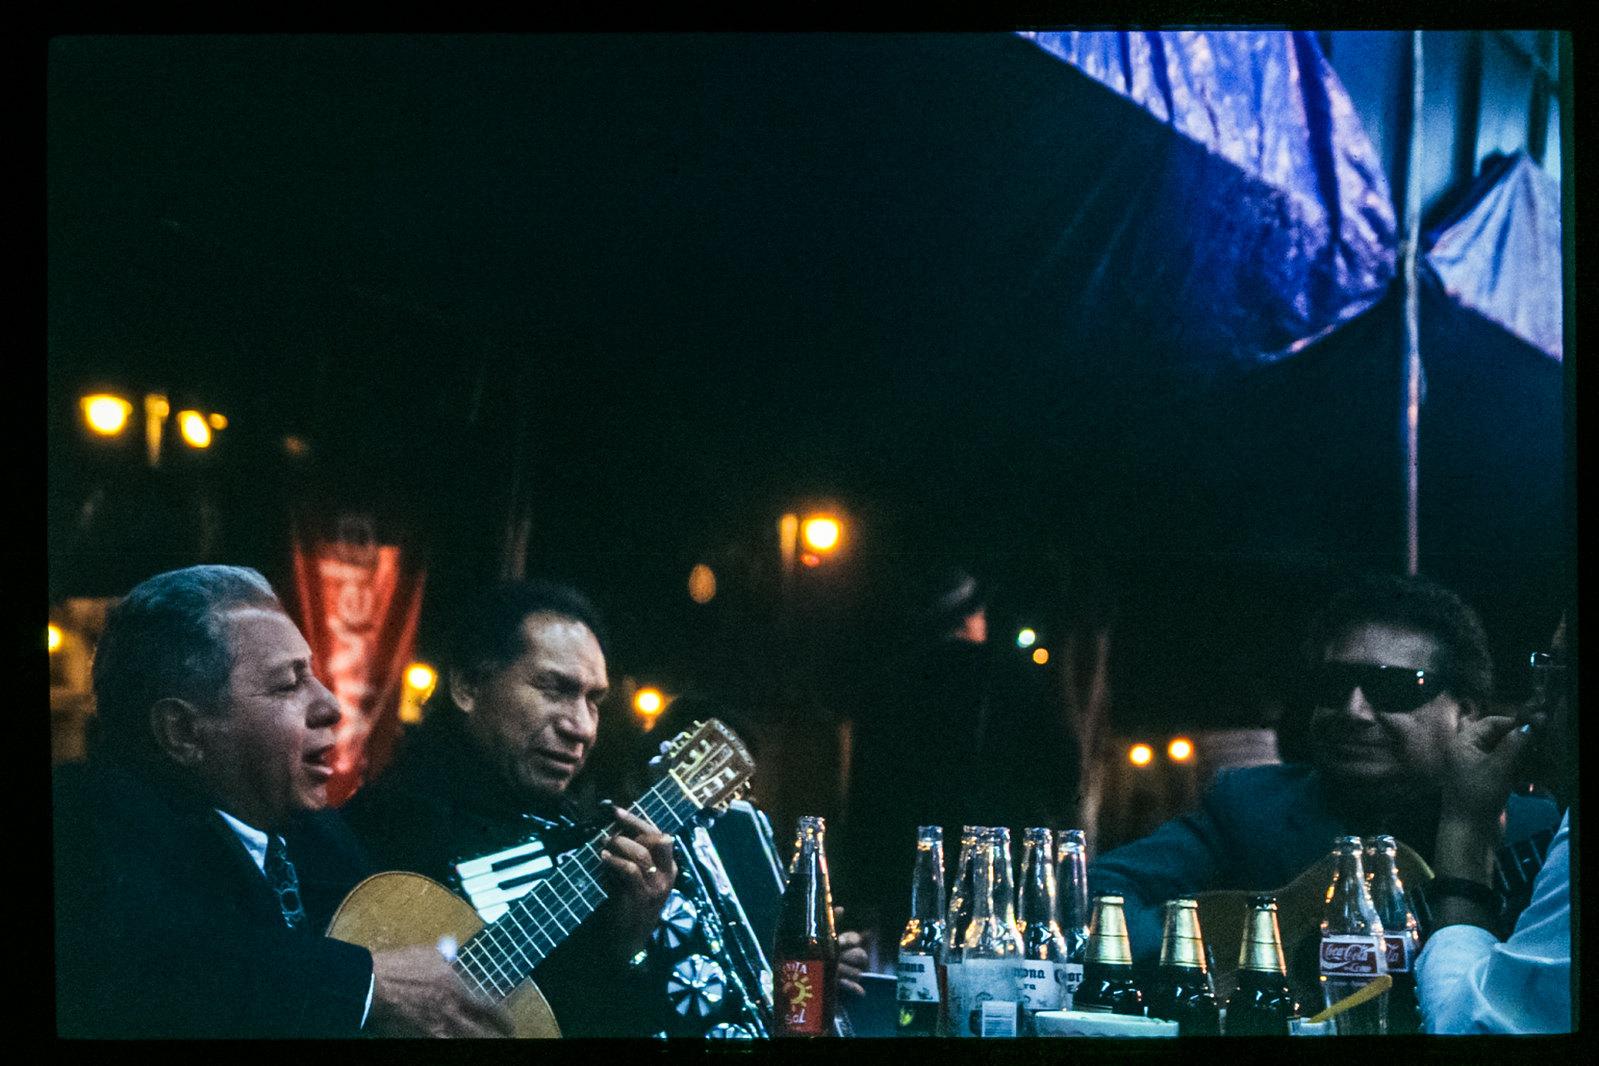 Fête des morts à Mexico - Les mariachis